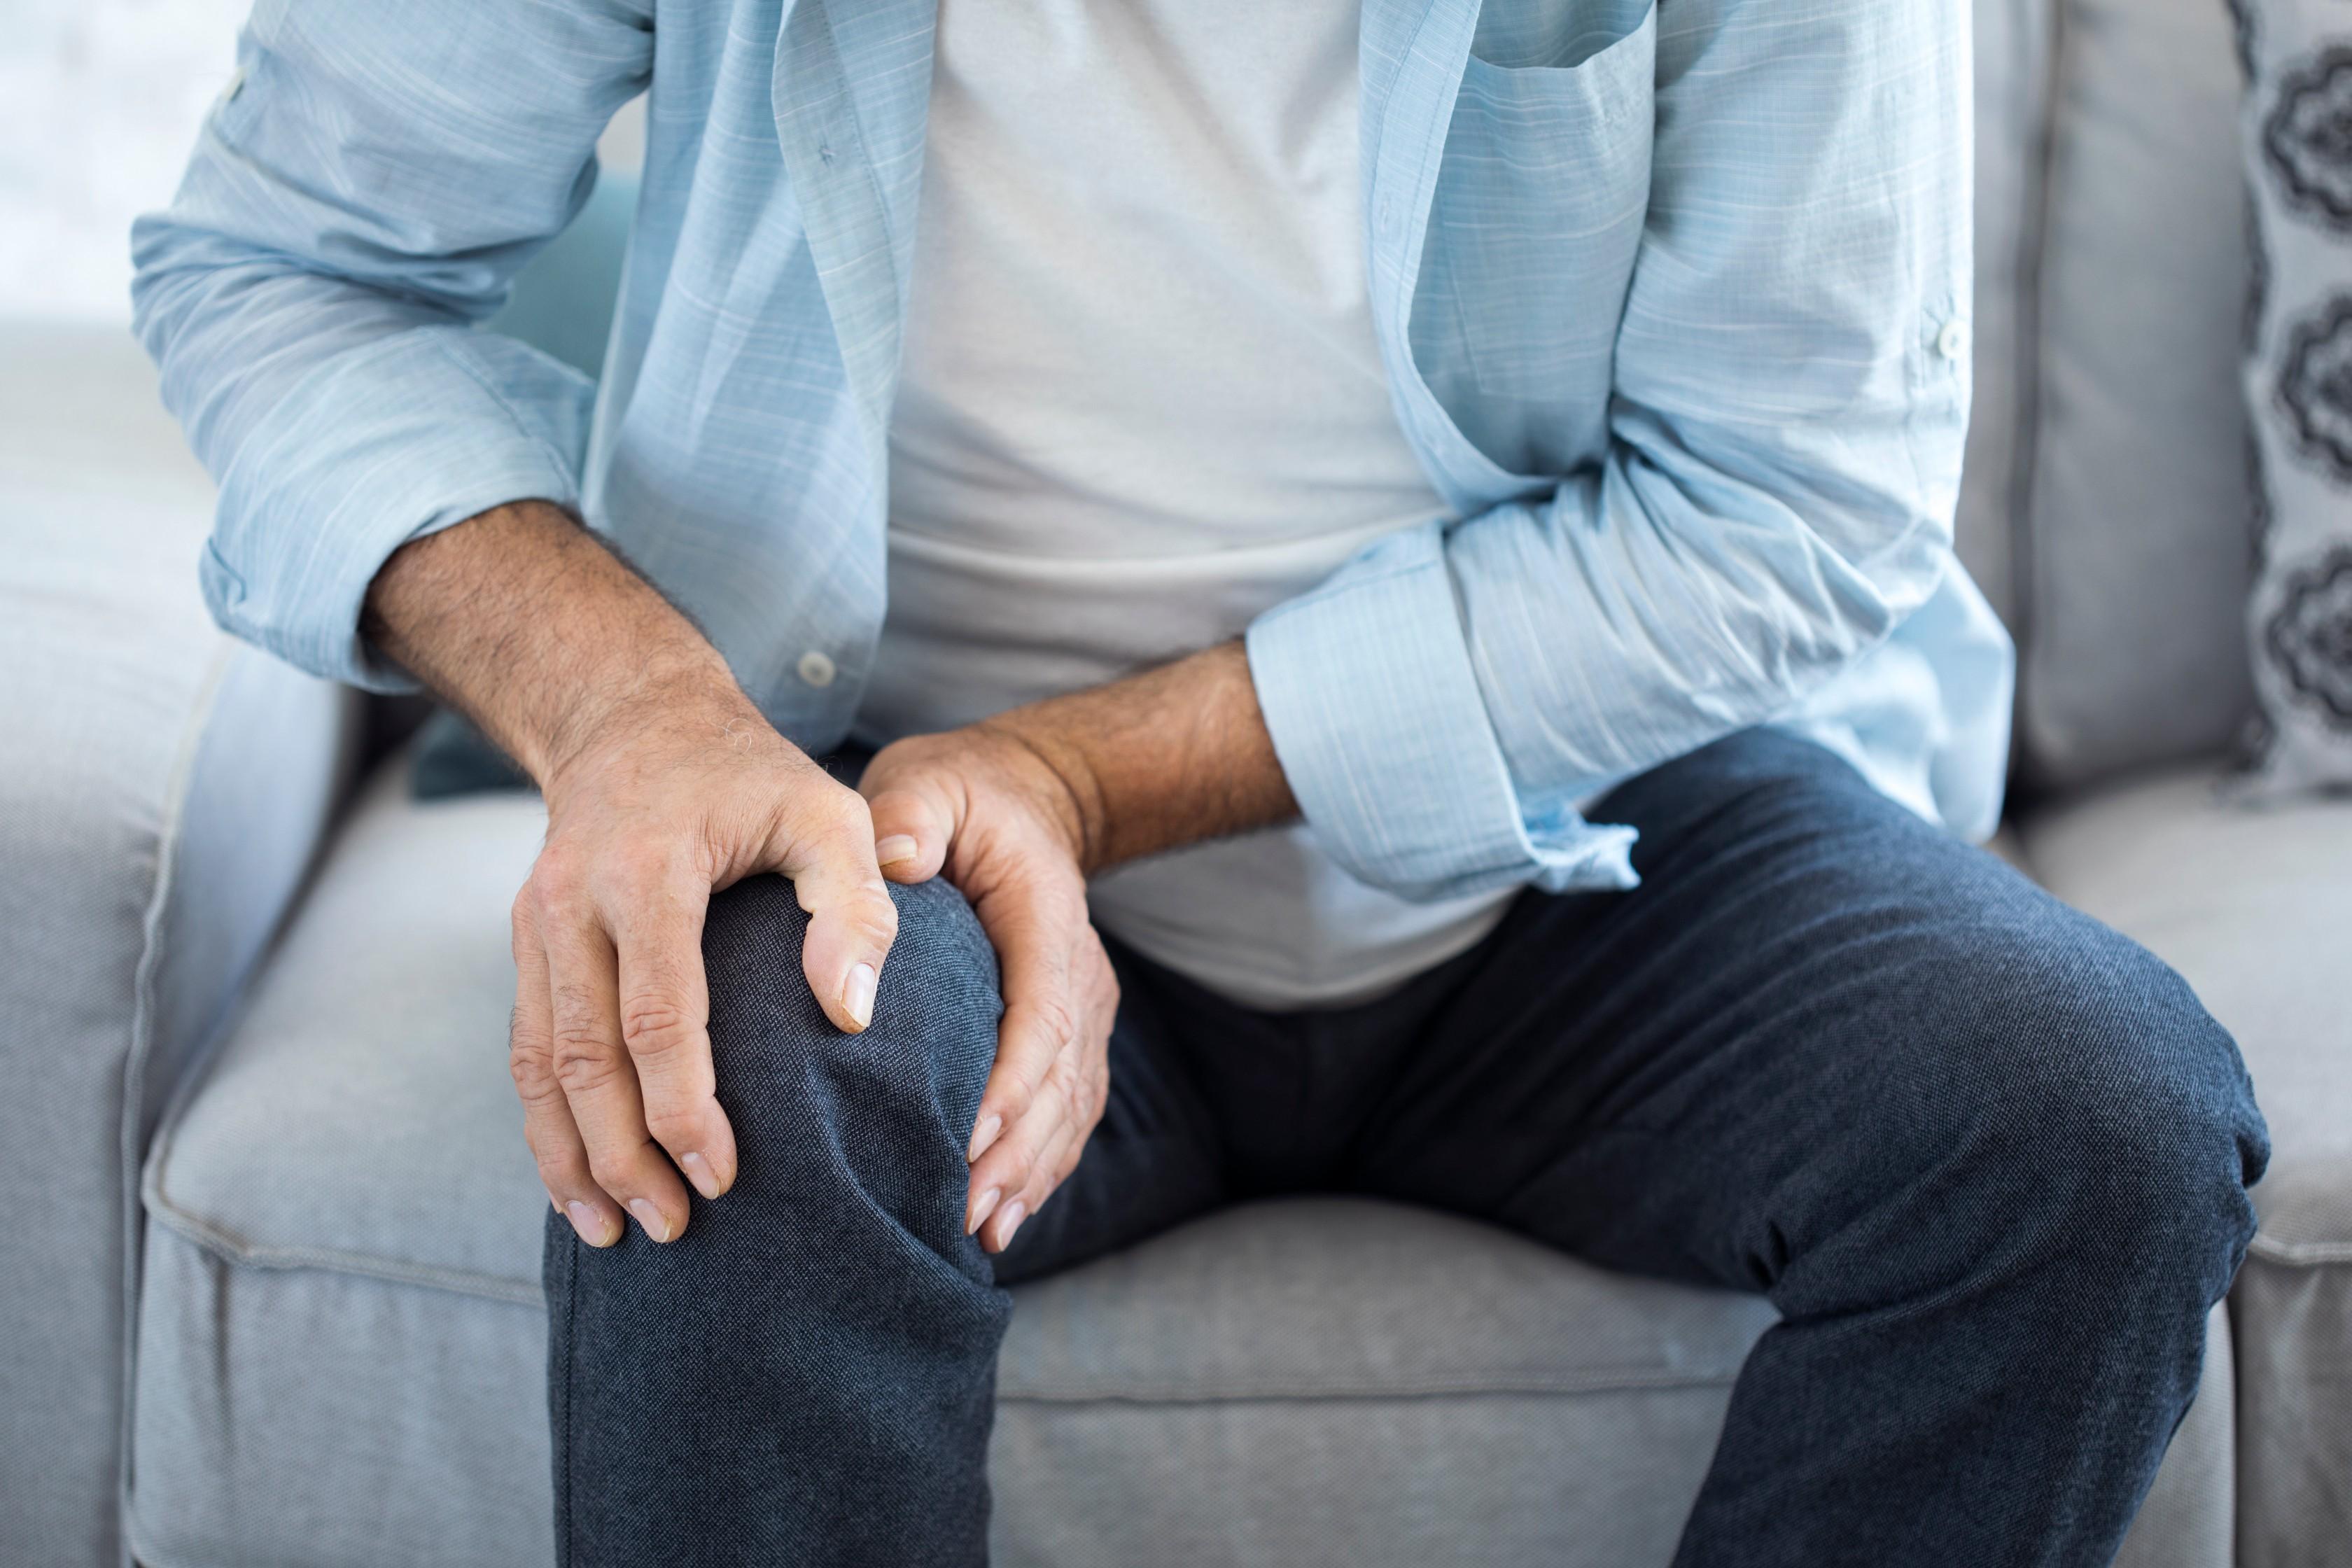 ízületi atrófiás kezelés traumeel izületi fájdalommal